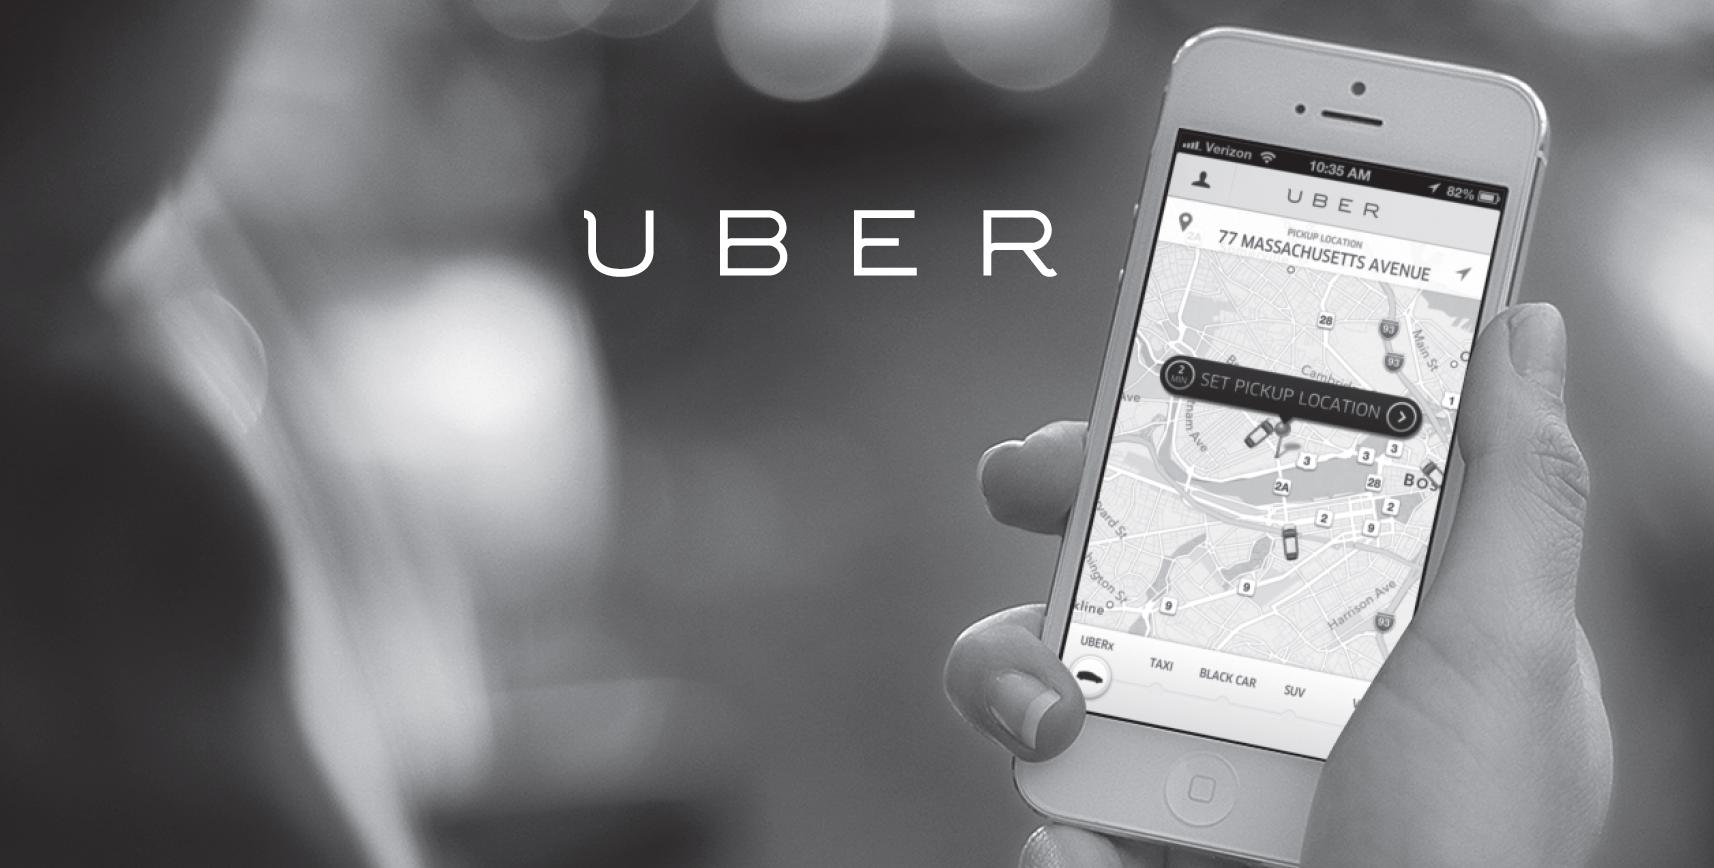 uber o app de sucesso no exterior esta agora crescendo no brasil alexandre taleb 4 - Uber – o app de sucesso no exterior está, agora, crescendo no Brasil